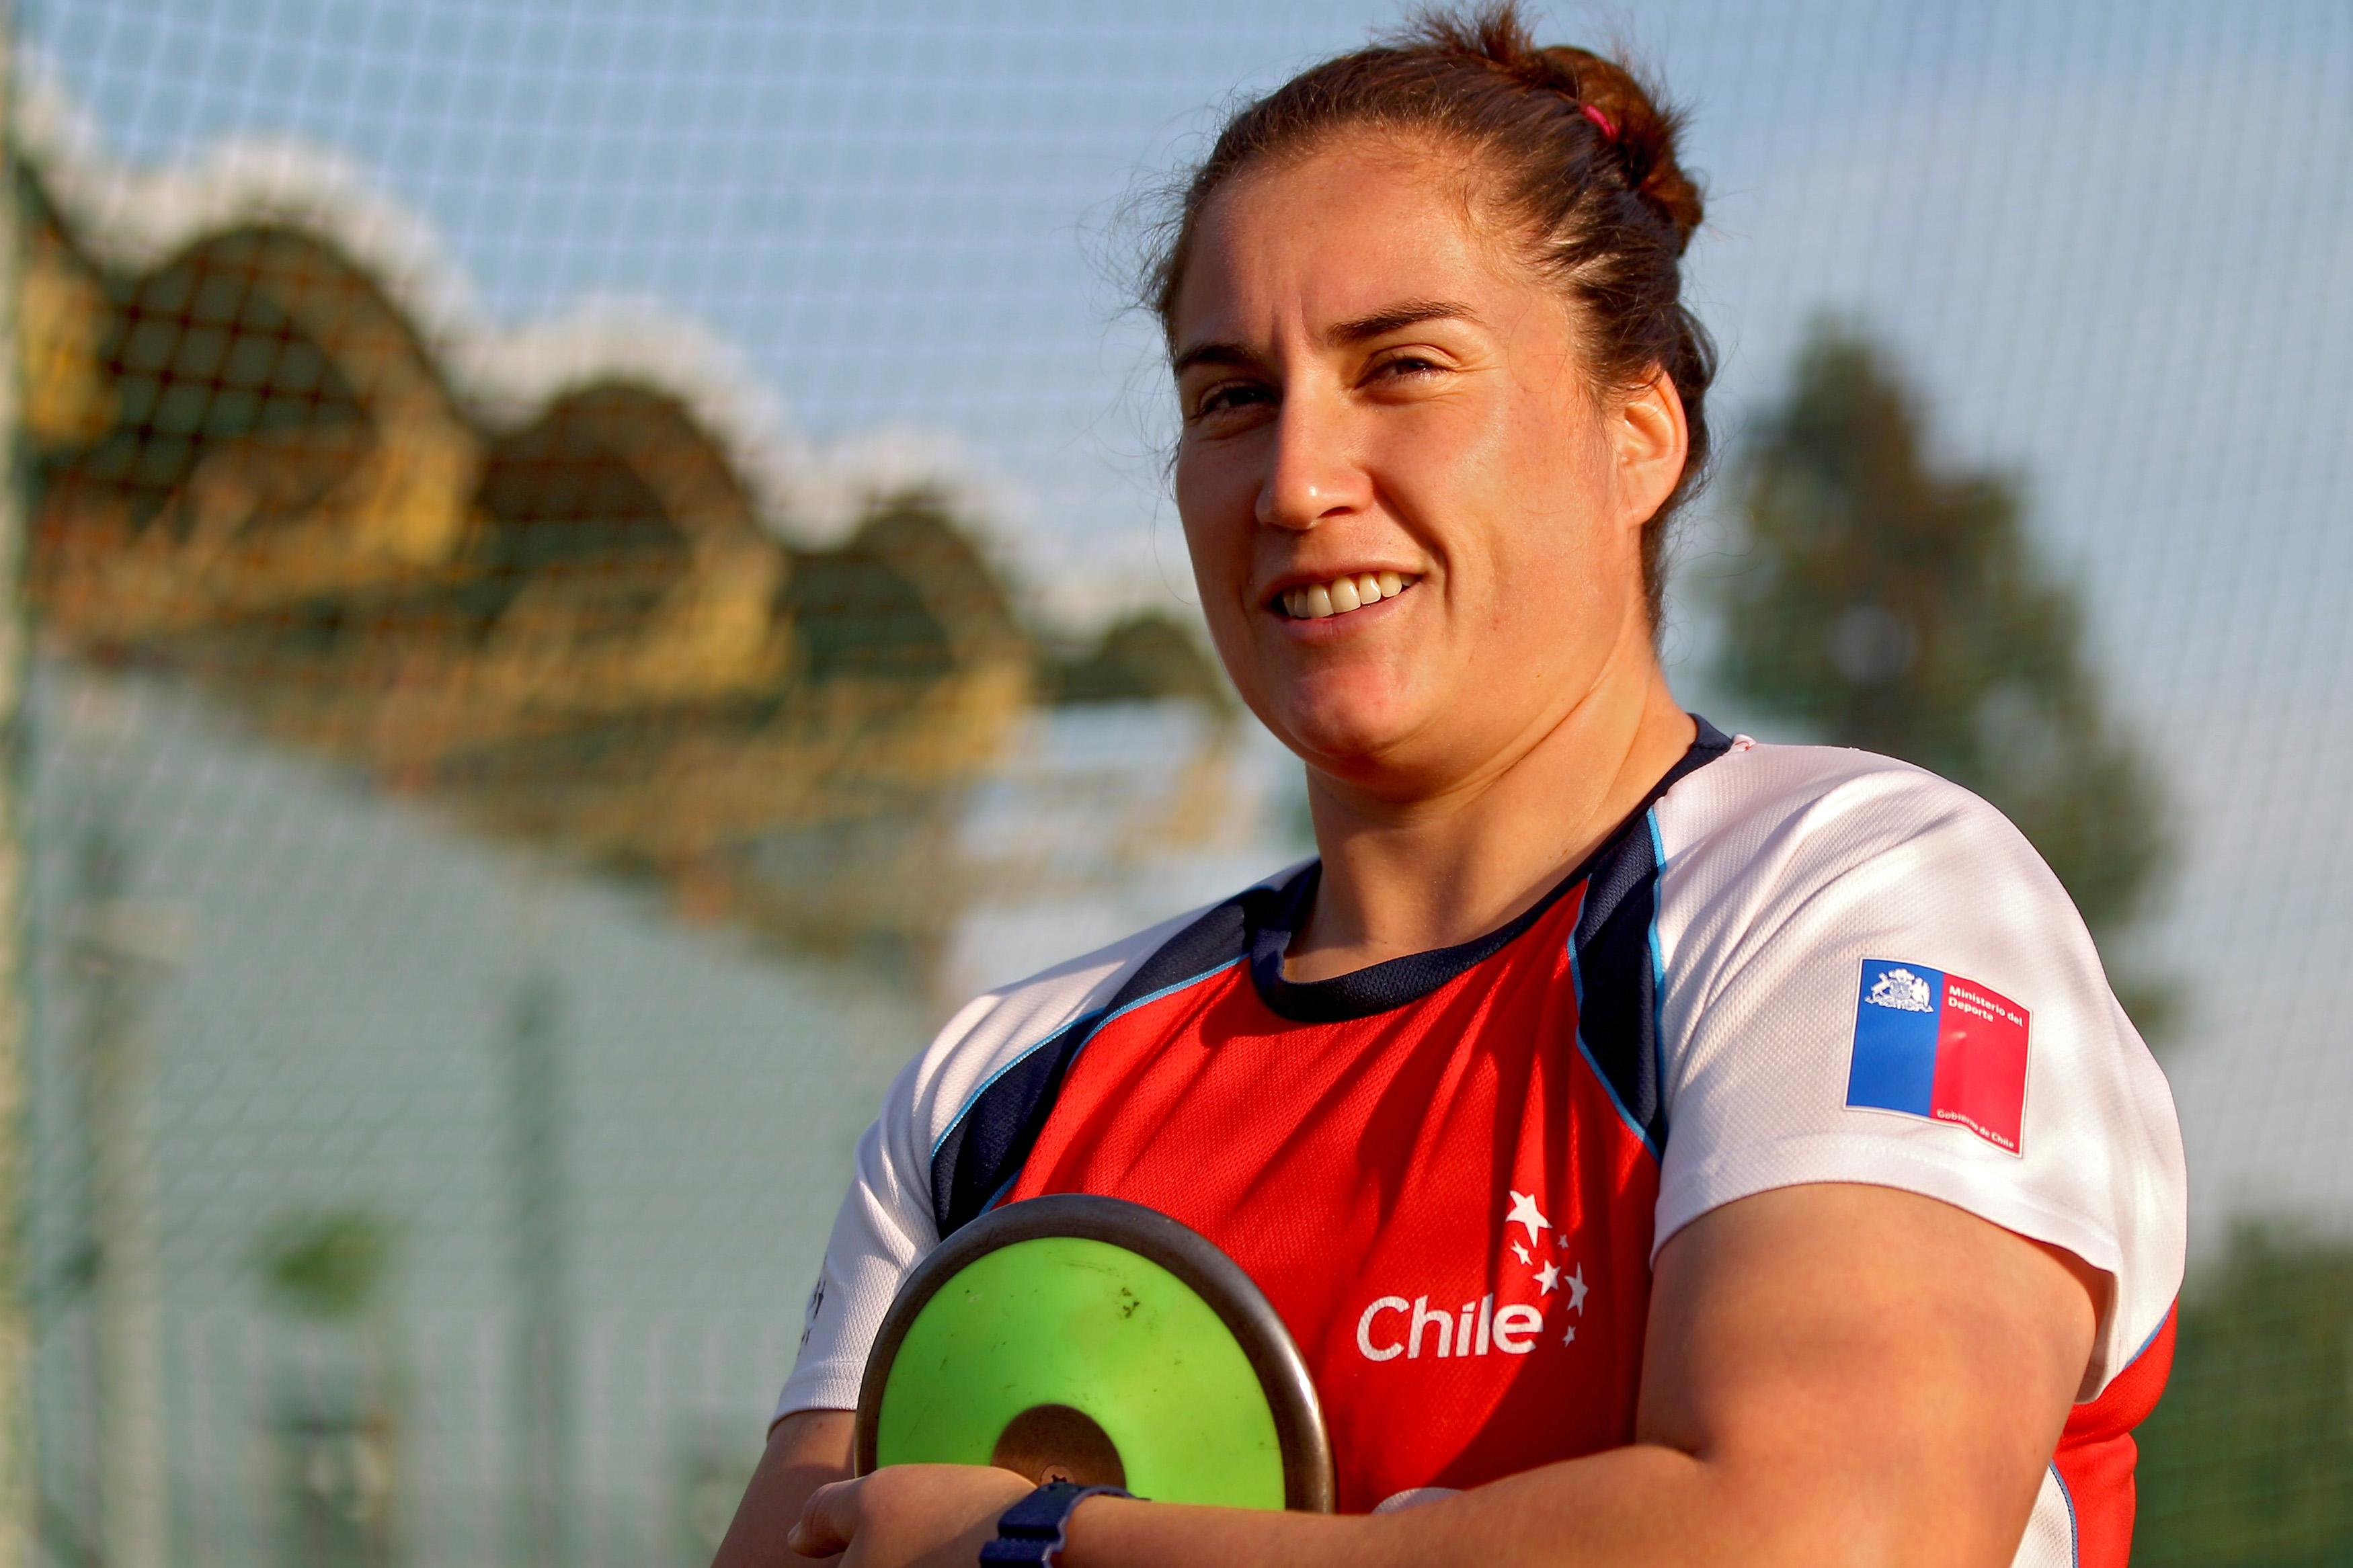 Orgullo regional: Karen Gallardo se lanza de Atacama a los JJOO Río 2016 |  El QueHayDecierto.cl , Noticias de Copiapó y Atacama